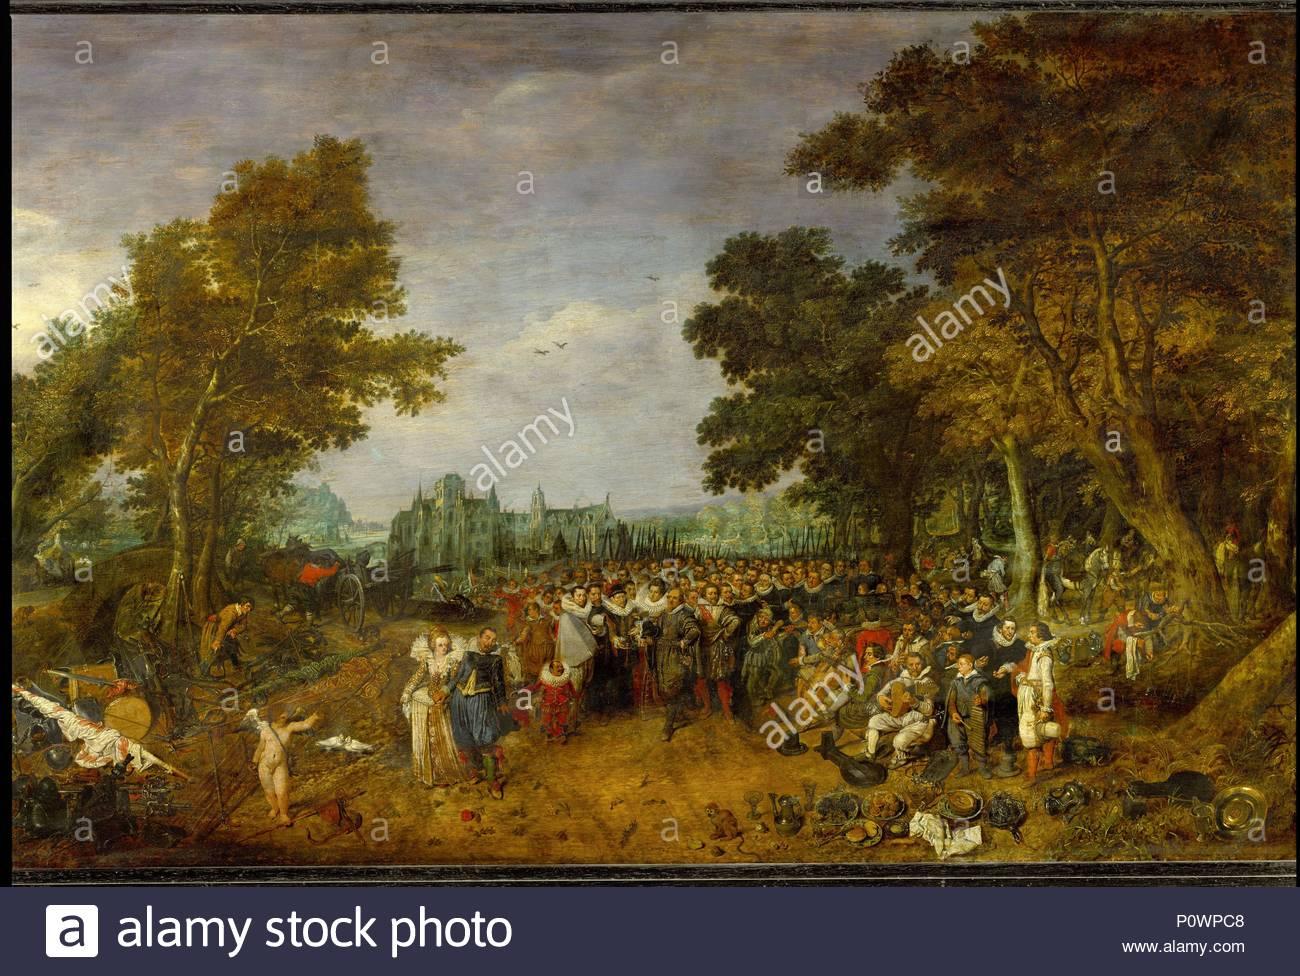 Fête à Loccasion De Larmistice De 1609 Huile Sur Bois 1616 62 X